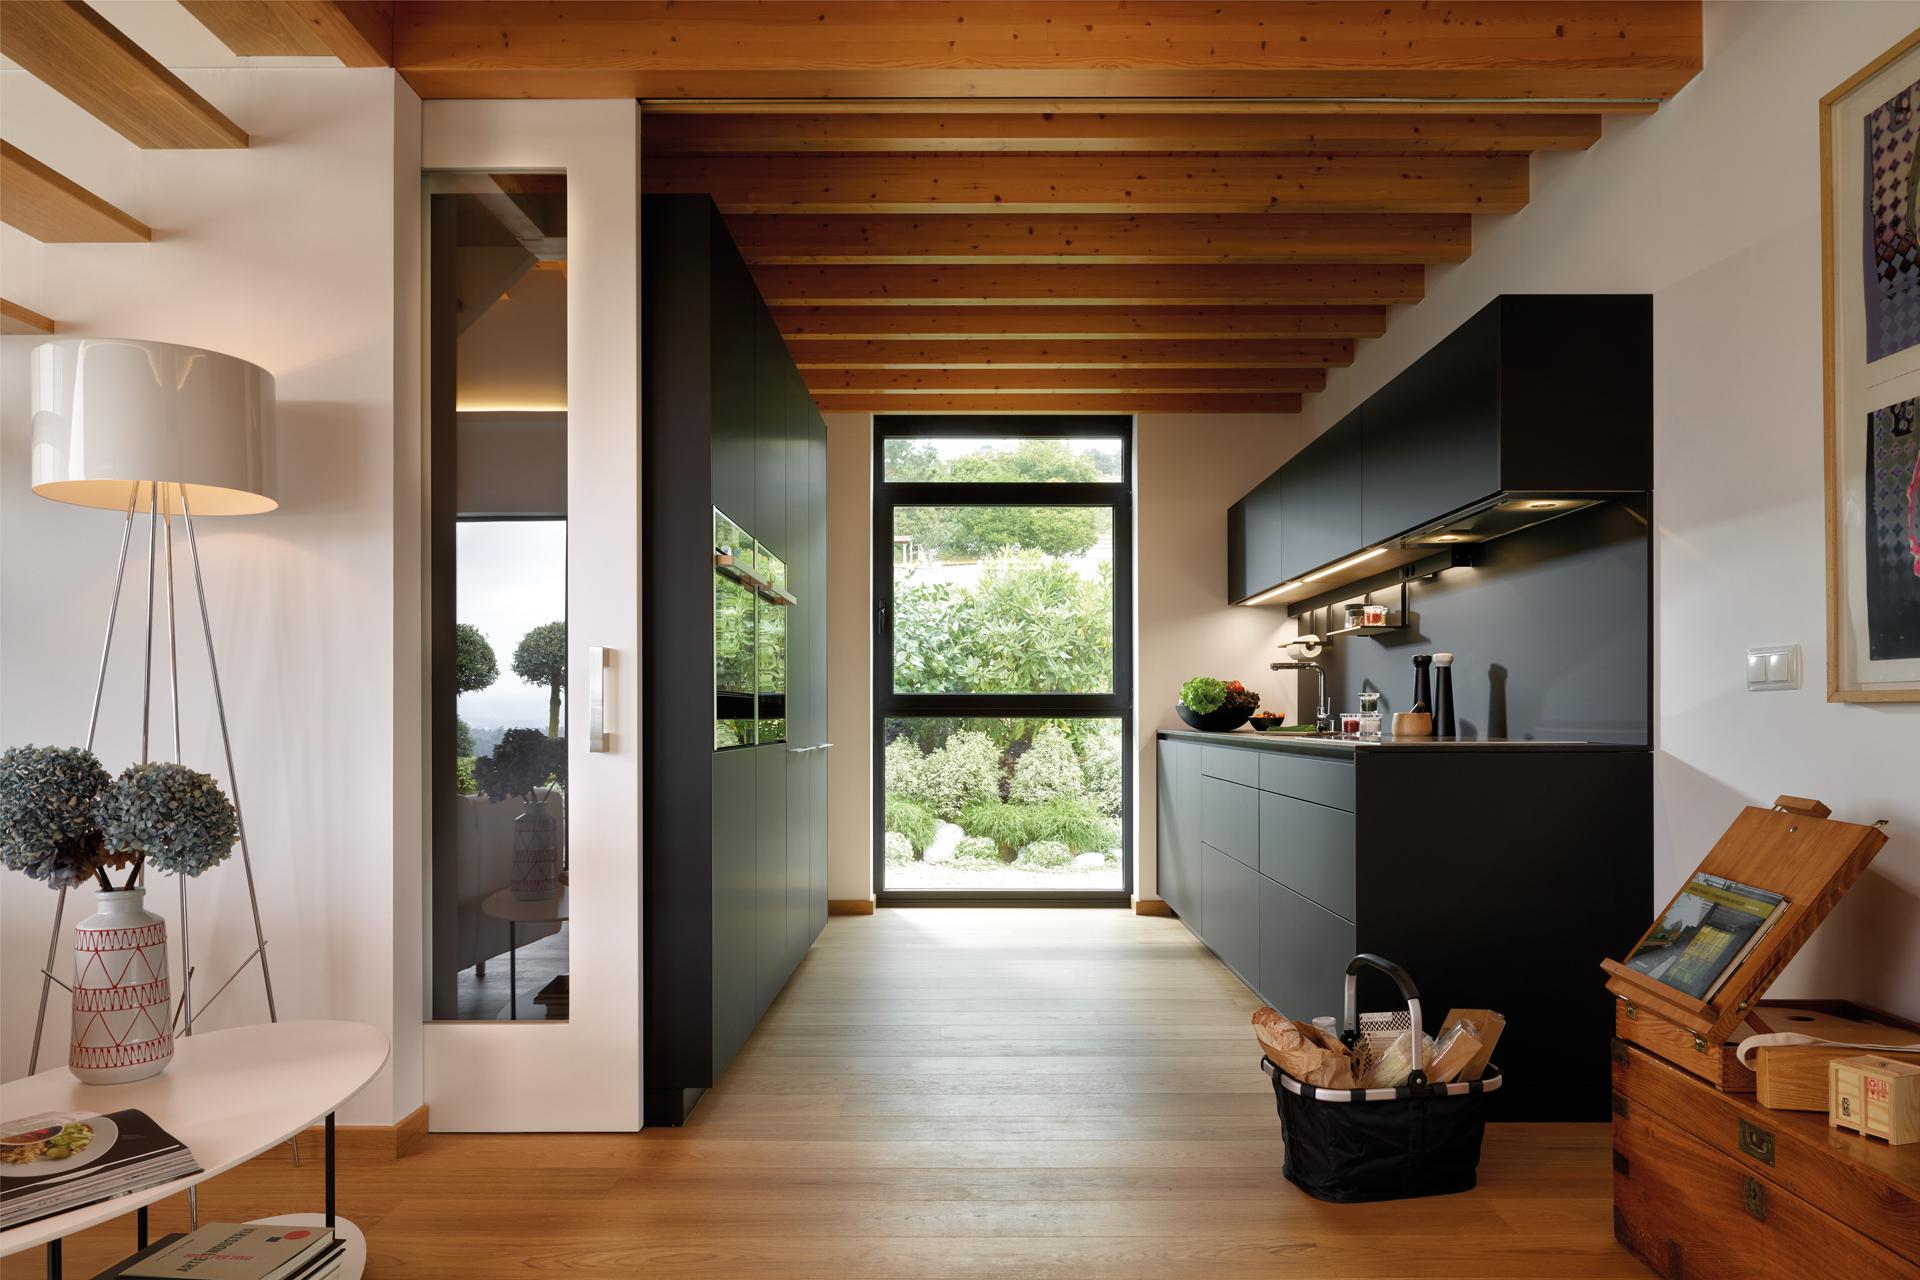 Cuisine noire en parallèle ouverte sur le salon, équipée avec des meubles conçus par Santos